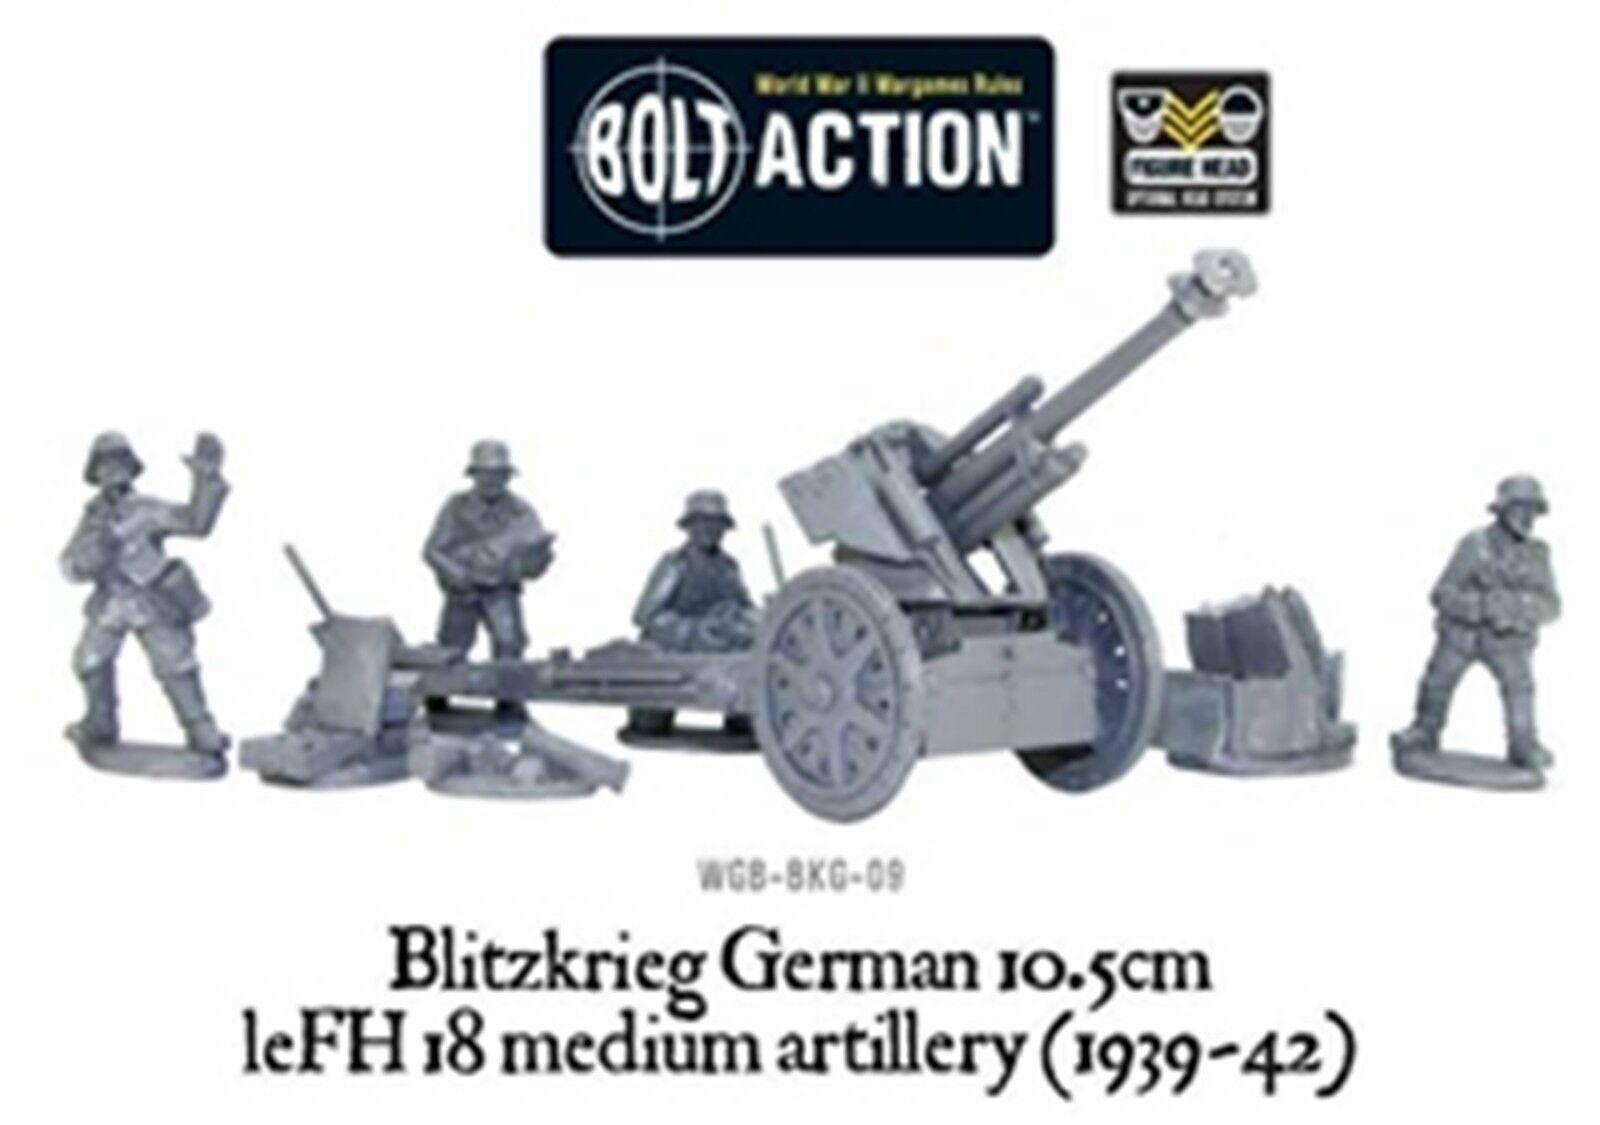 NEW BOLT ACTION MINIATURES BLITZKRIEG LEFH 18 10.5CM HOWITZER 1939-42 WGB-BKG-09